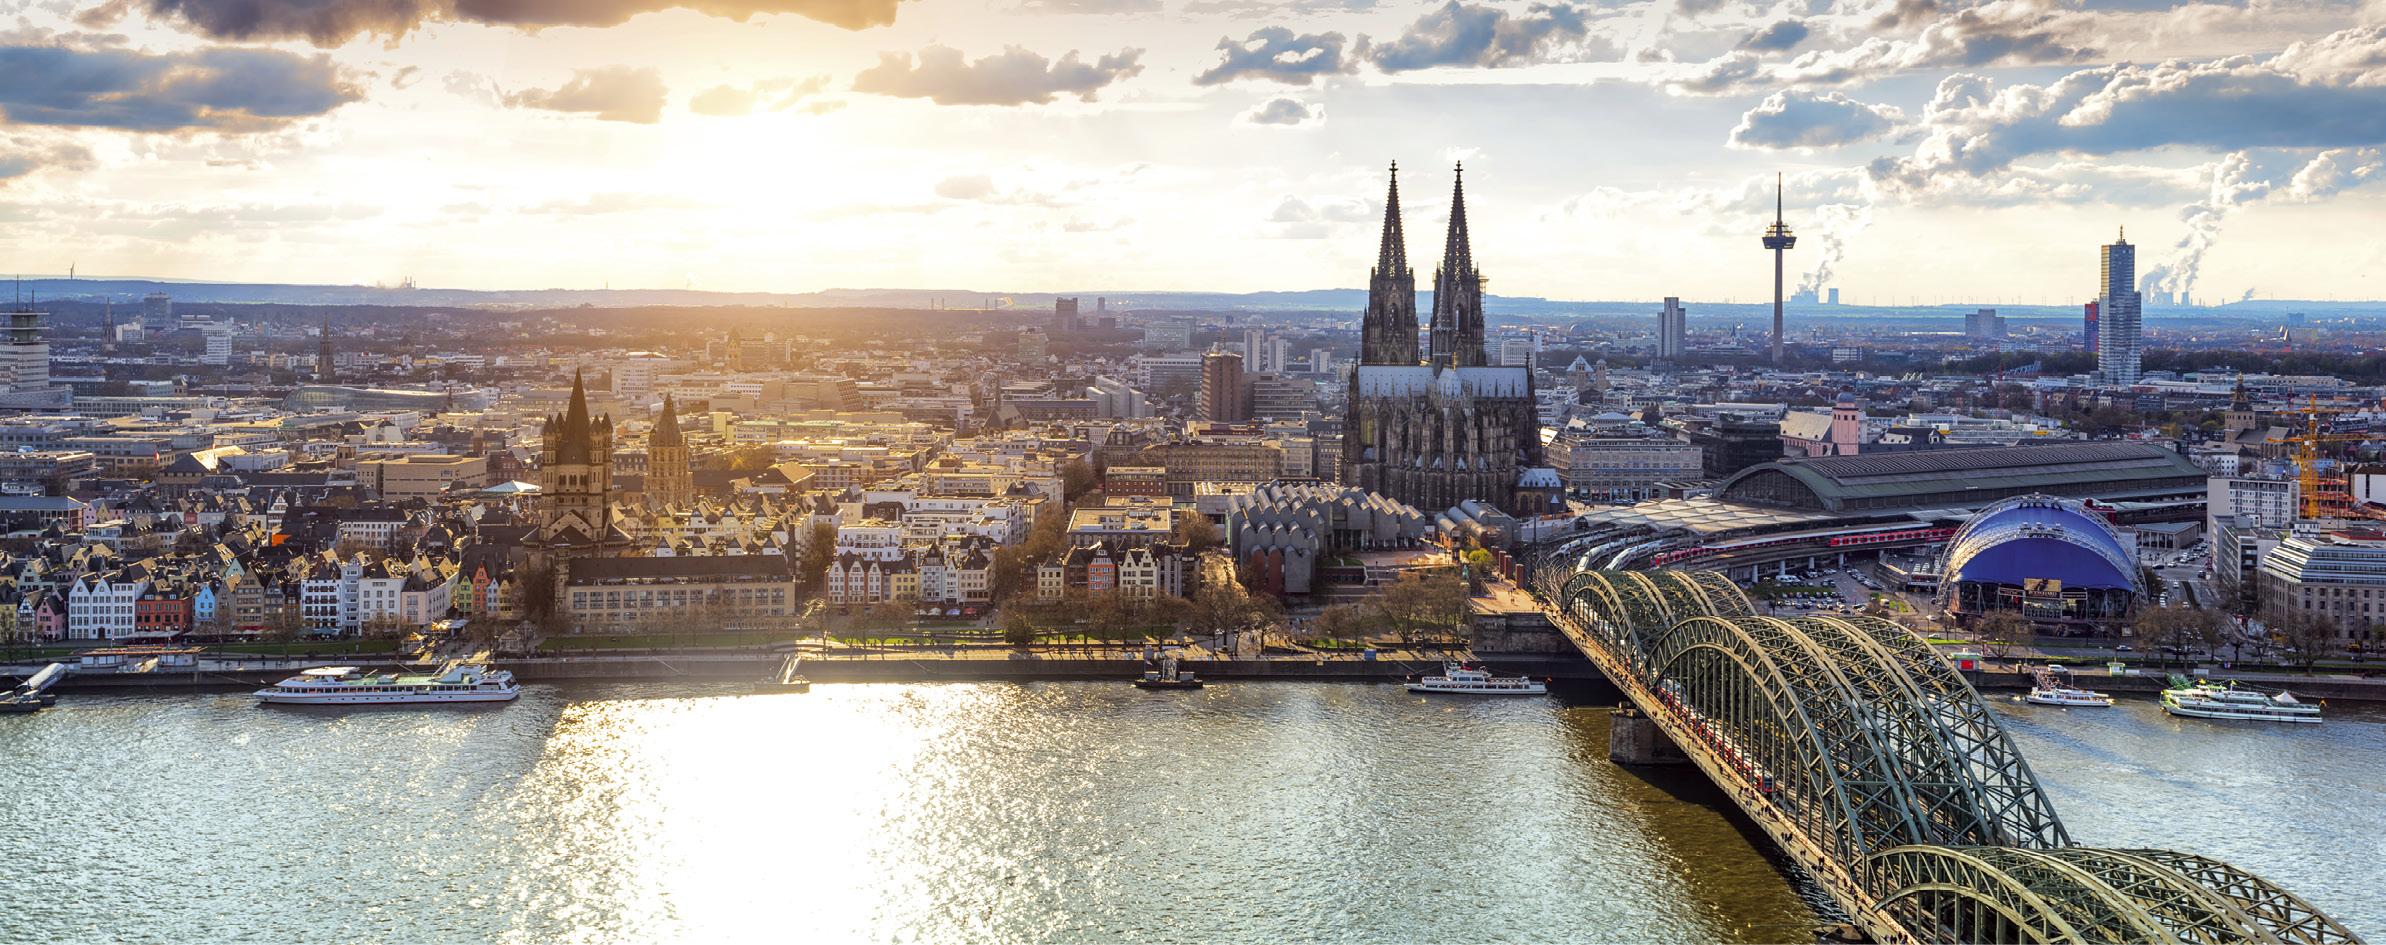 Insolvenzen Aachen